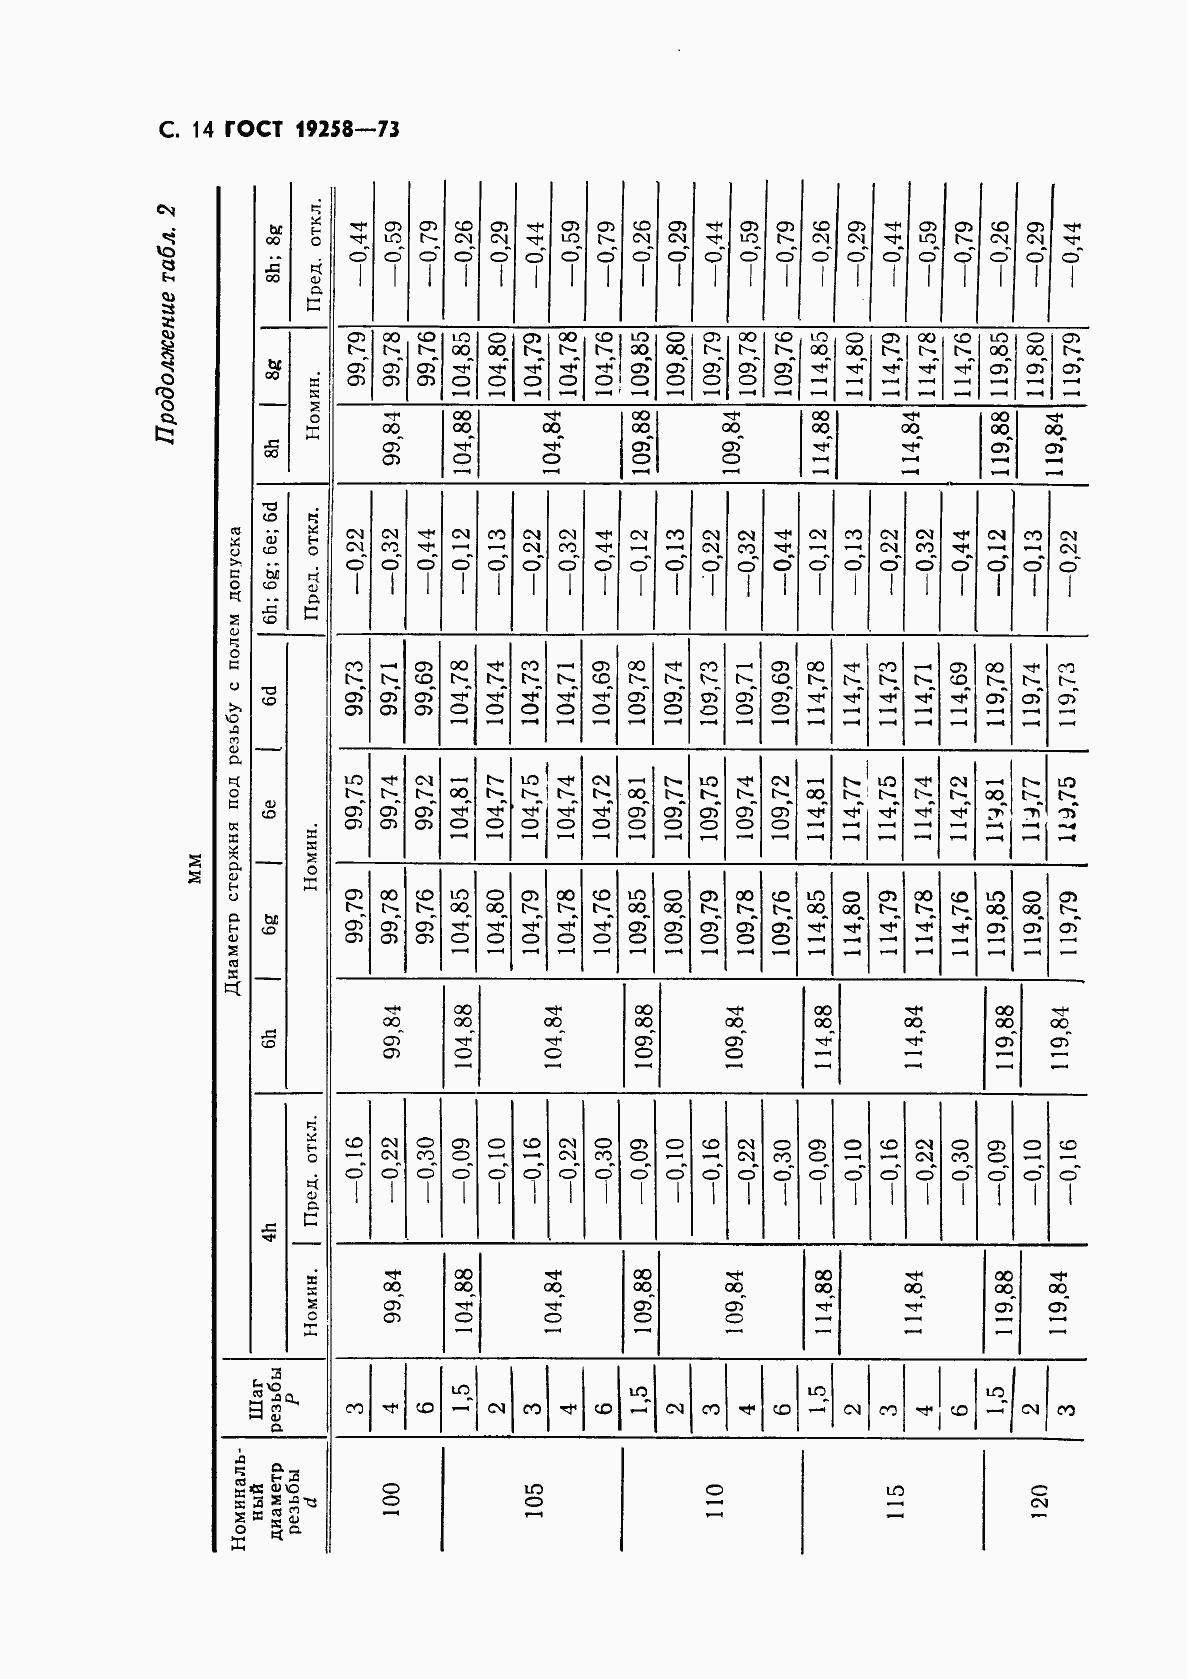 ГОСТ 19258-73. Страница 16